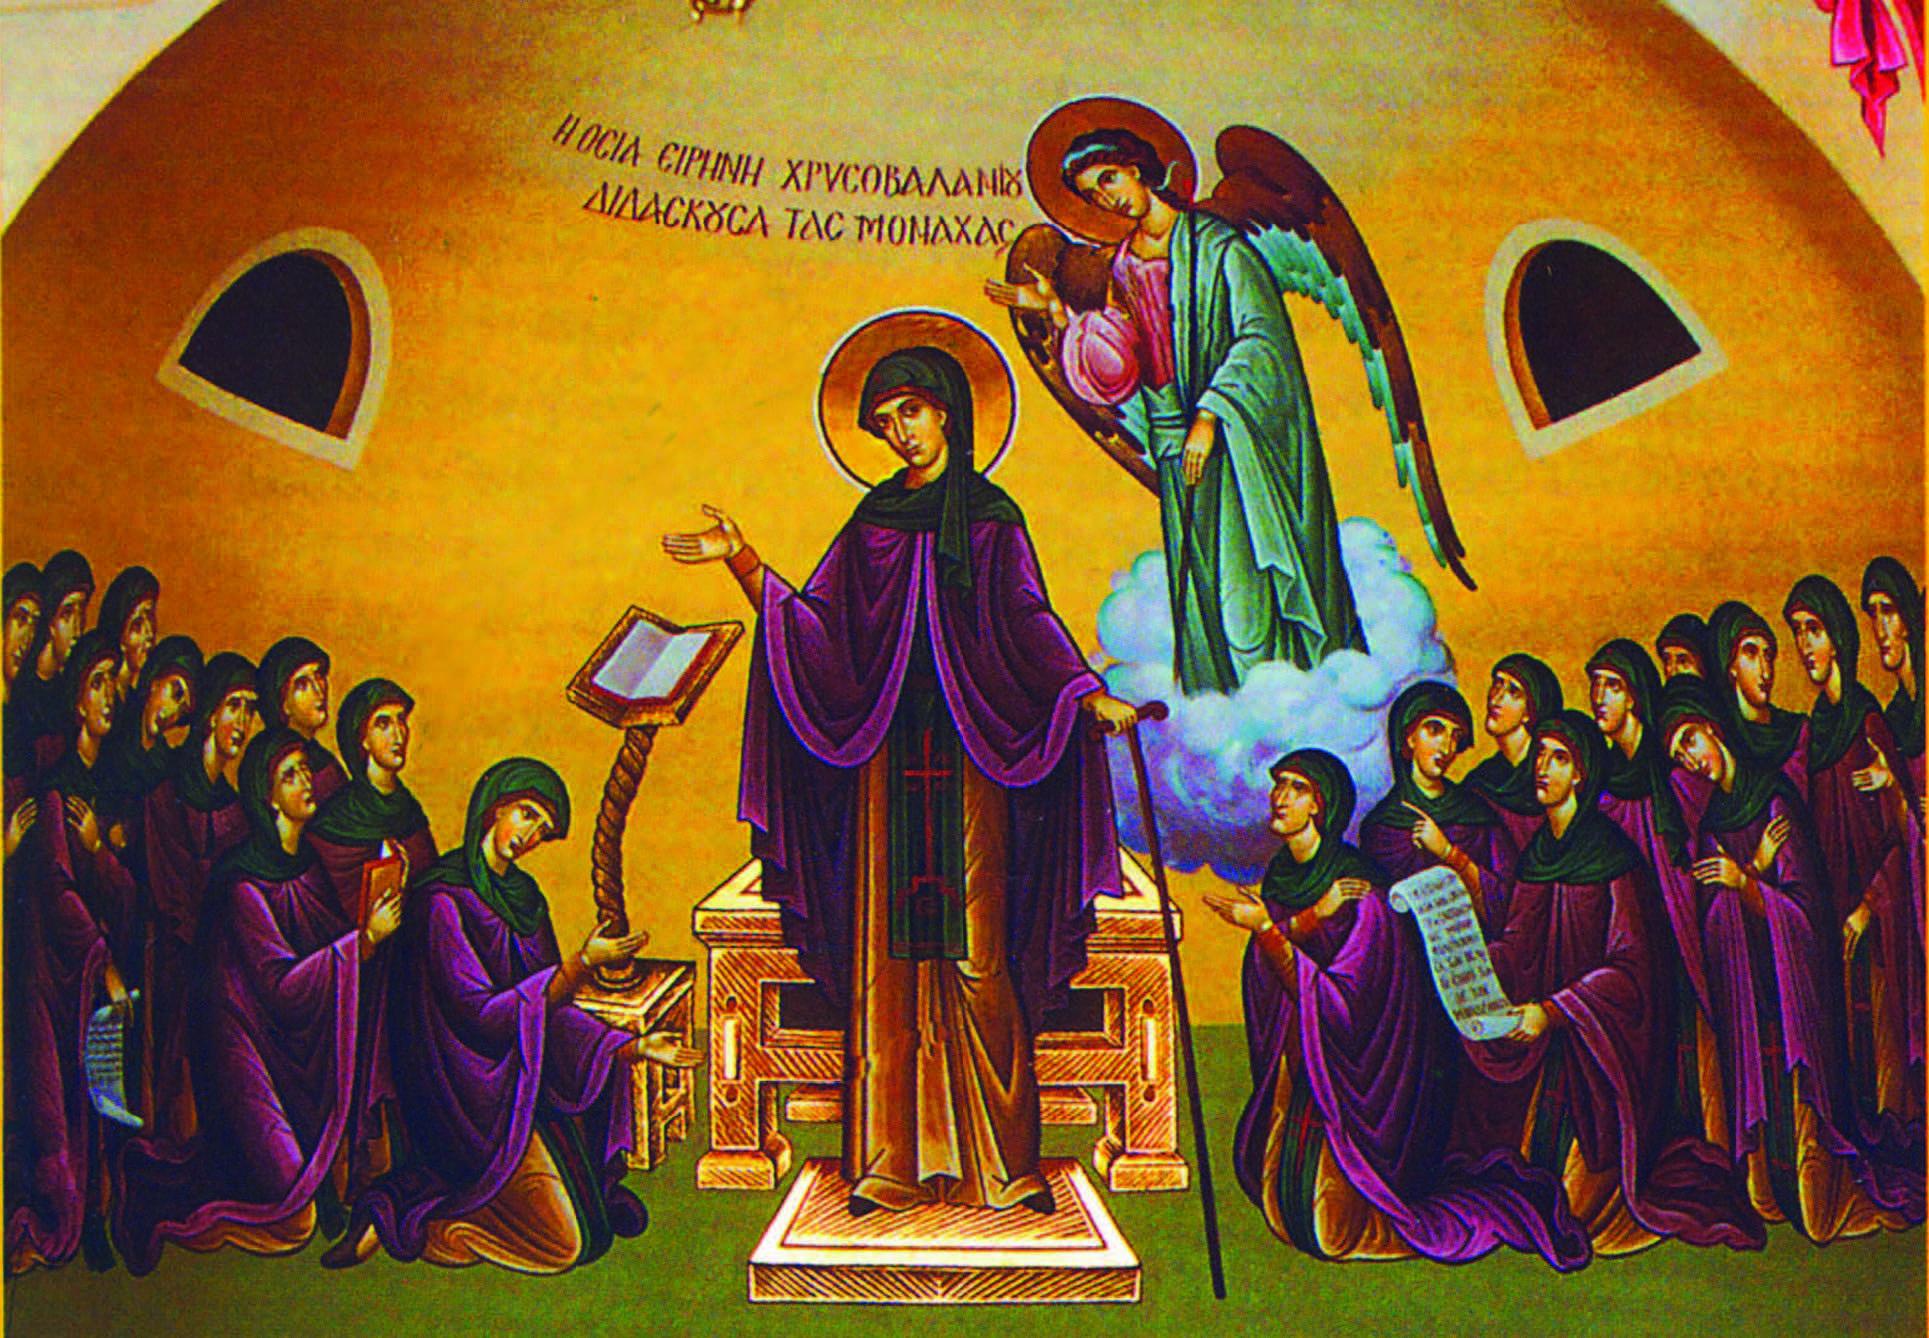 Αποτέλεσμα εικόνας για Η μοναχή του Χρυσοβαλάντου